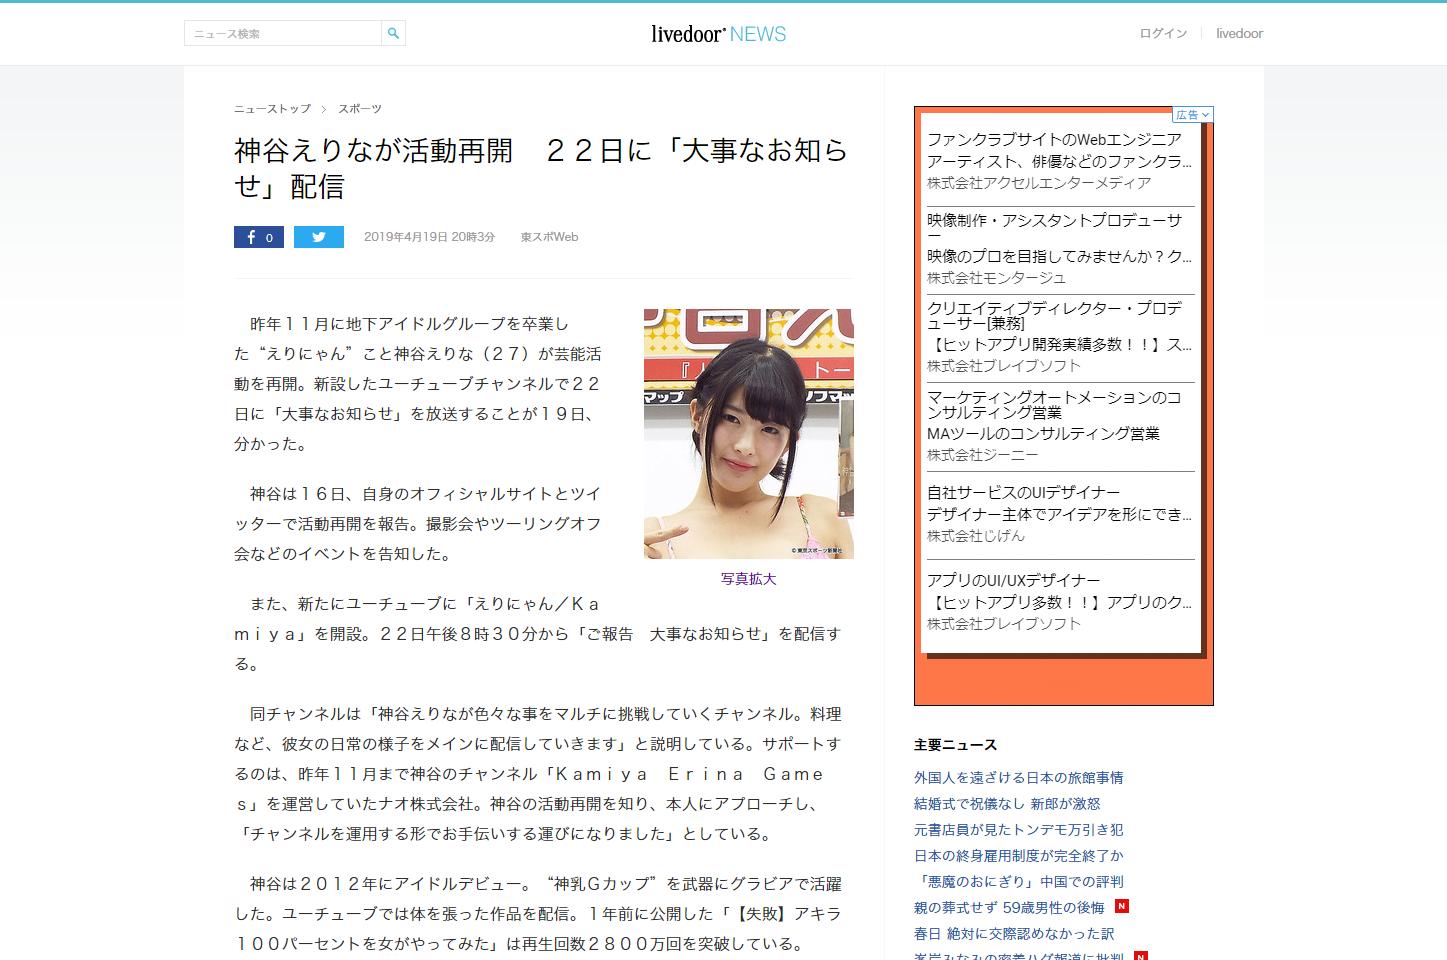 神谷えりなが活動再開 22日に「大事なお知らせ」配信 - livedoor NEWS